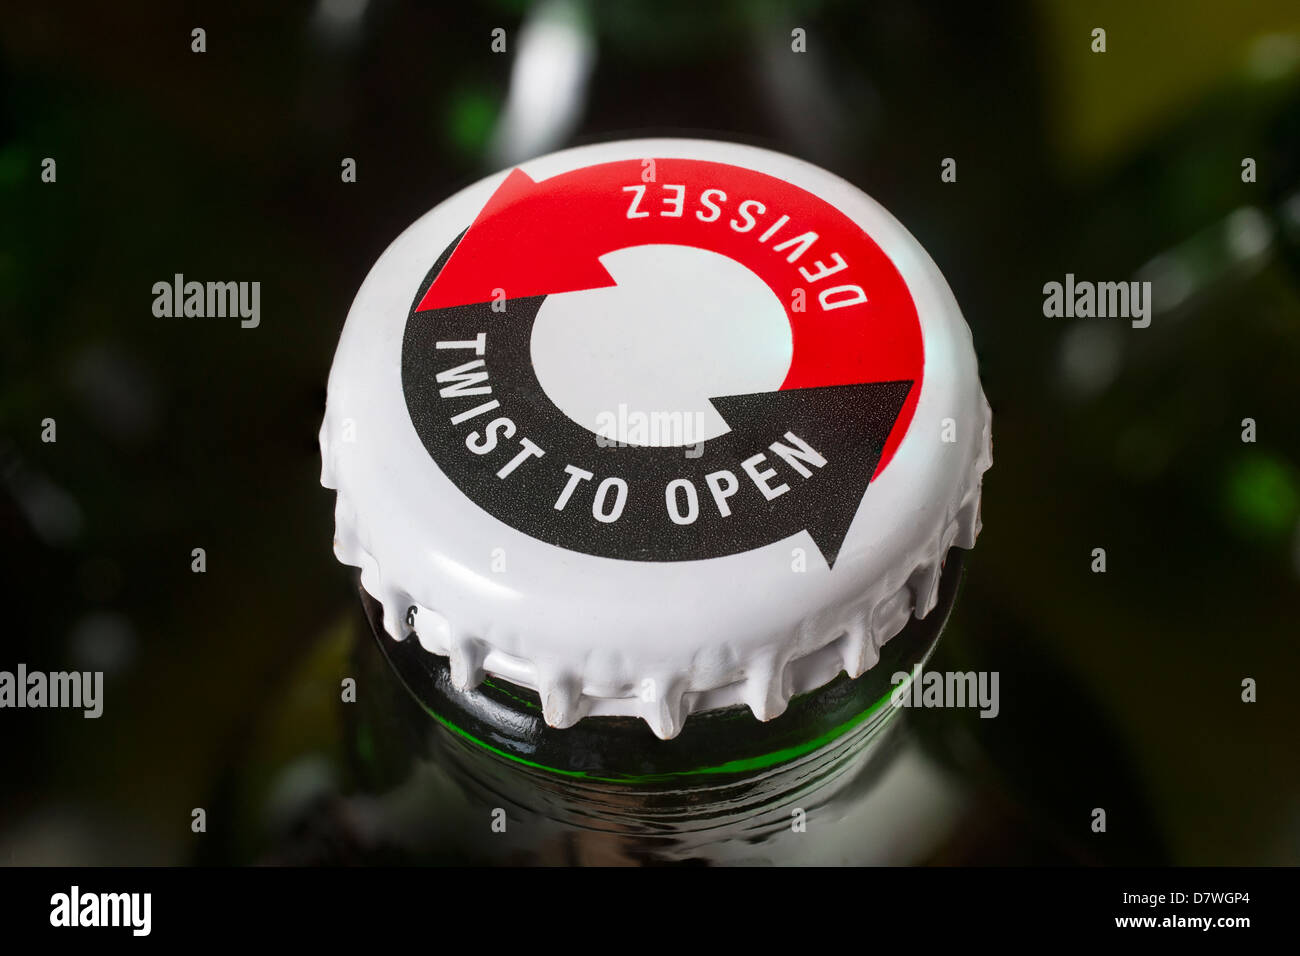 Une torsion au large de cap sur une bouteille de bière Photo Stock